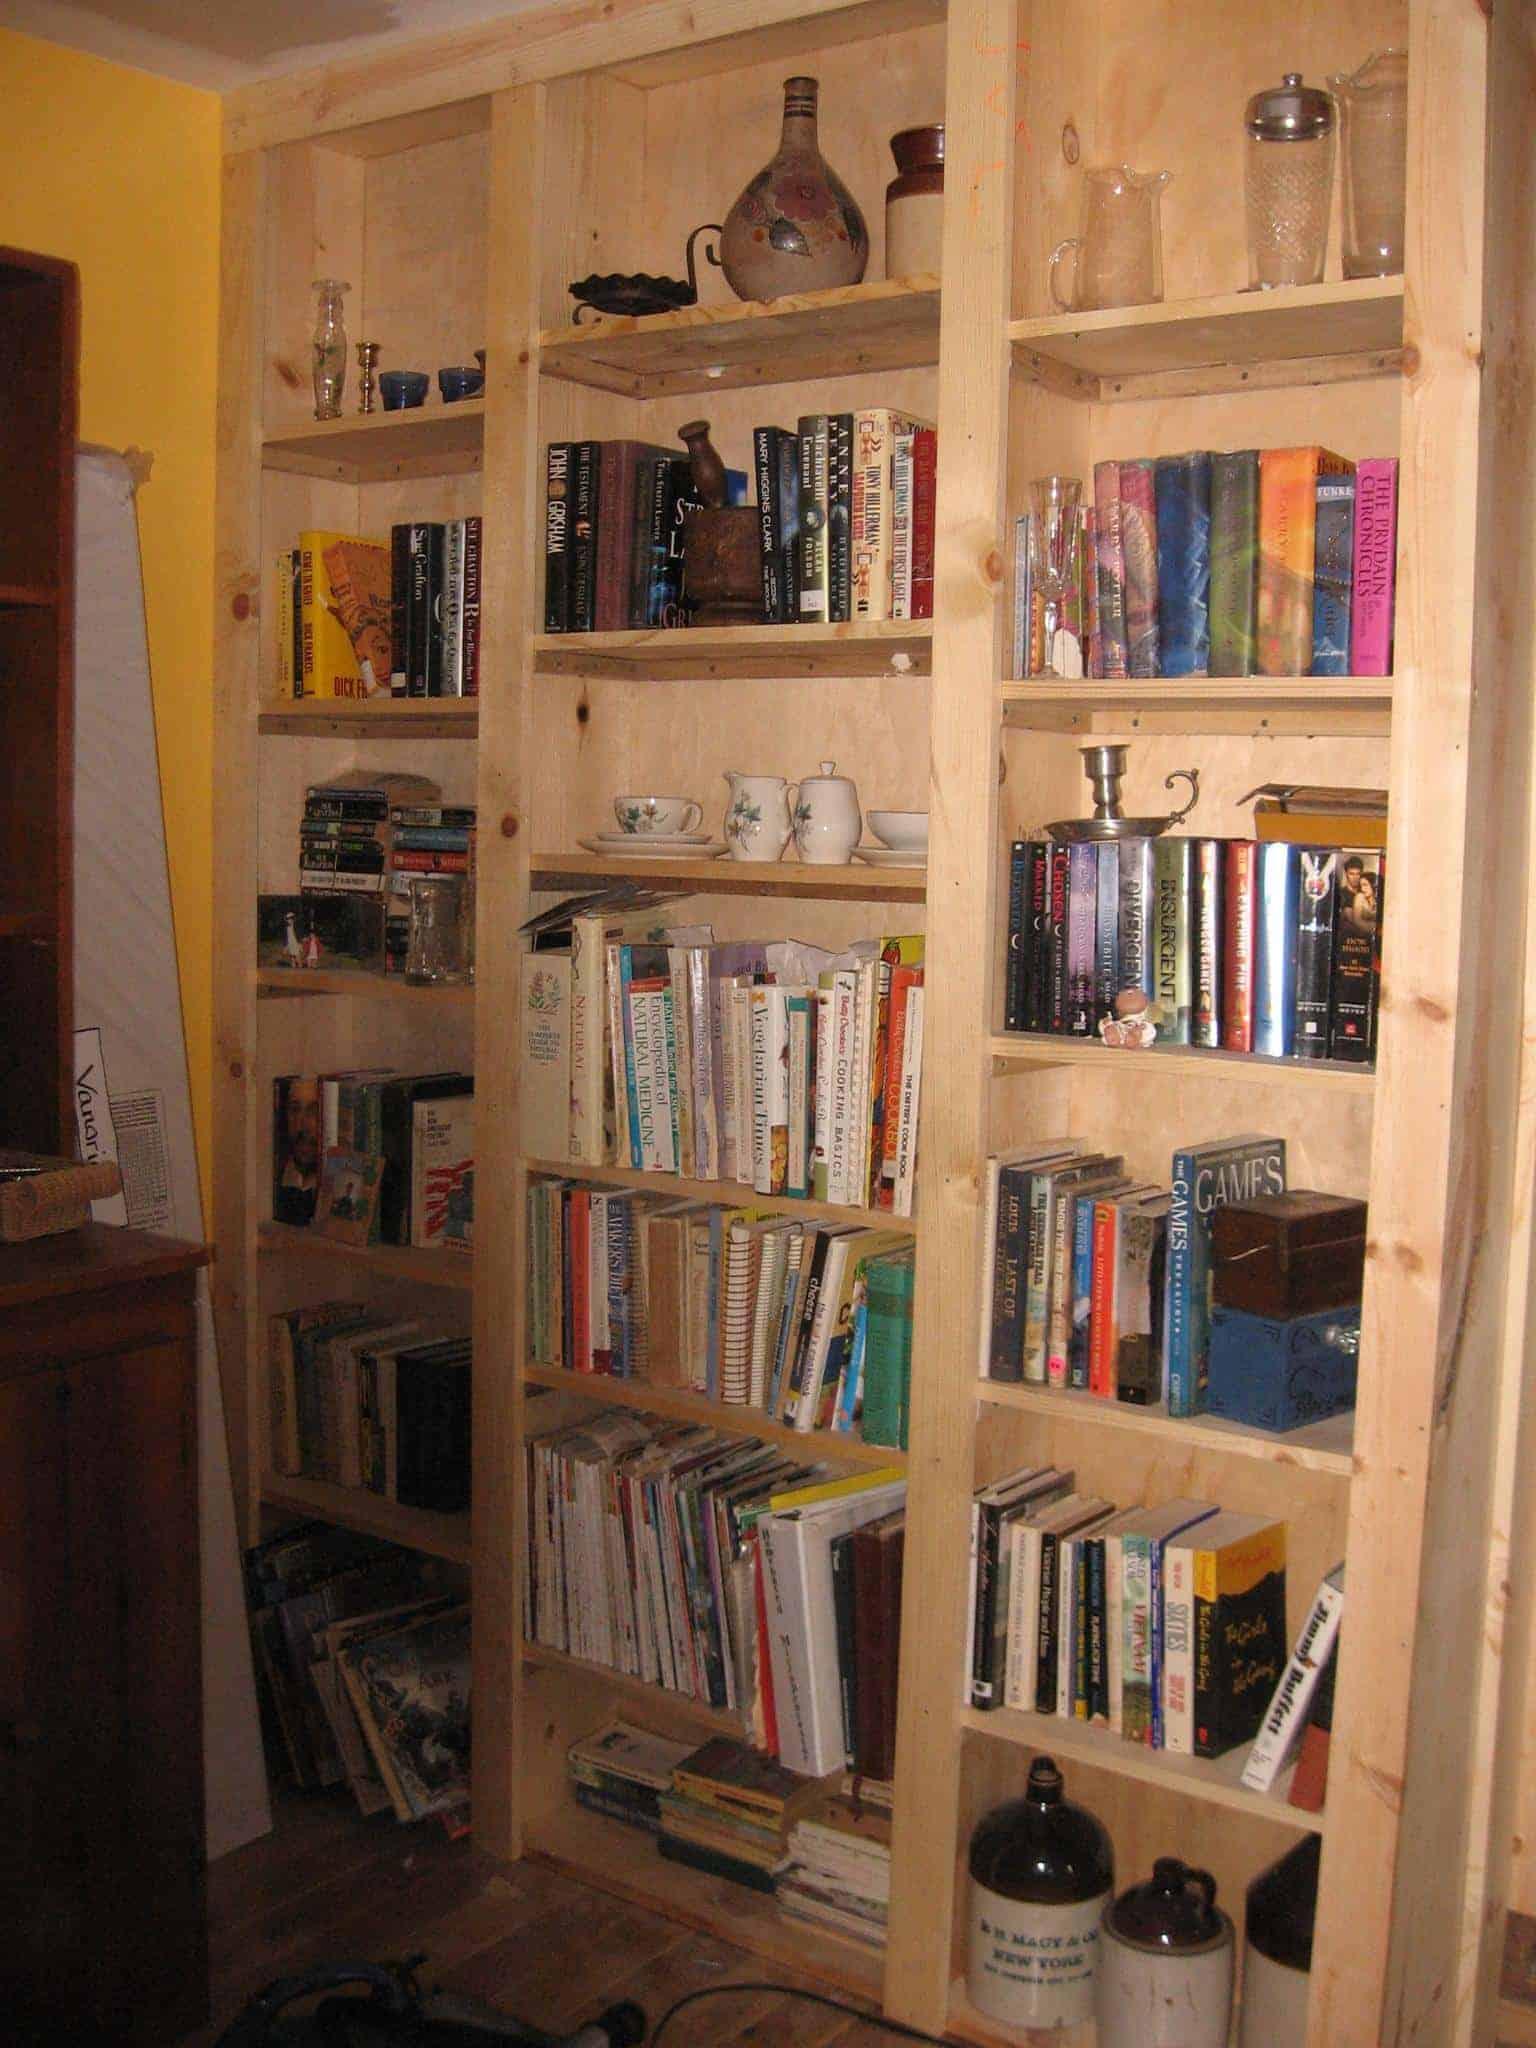 http://www.foxrunenvironmentaleducationcenter.org/